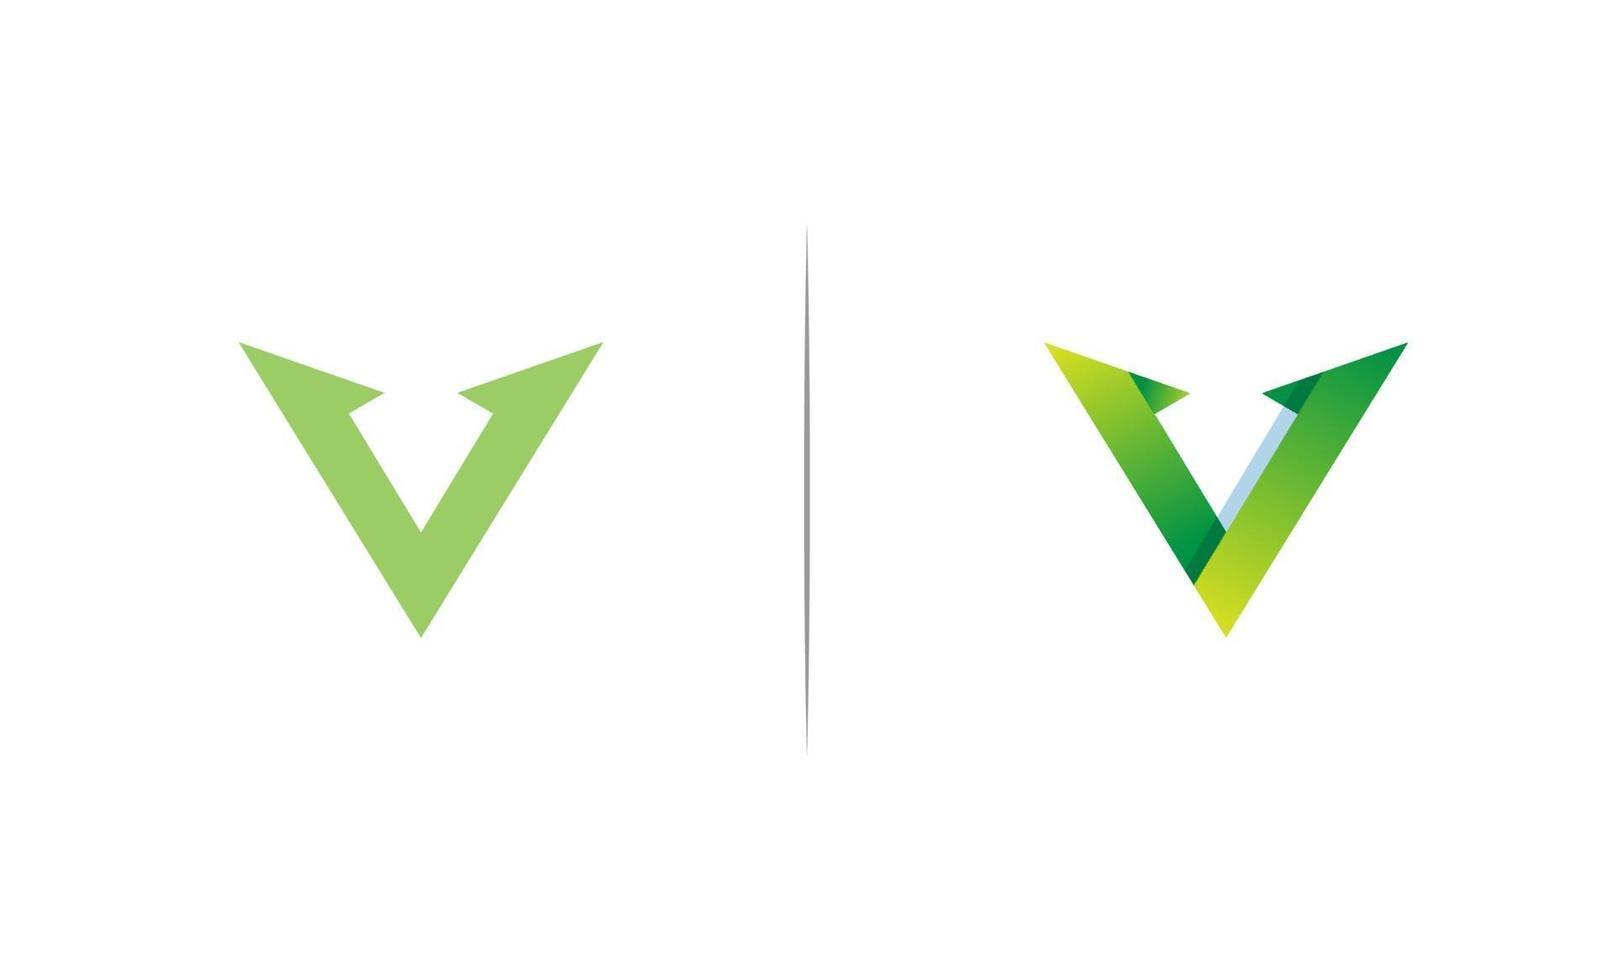 vector de plantilla de diseño de logotipo v inicial